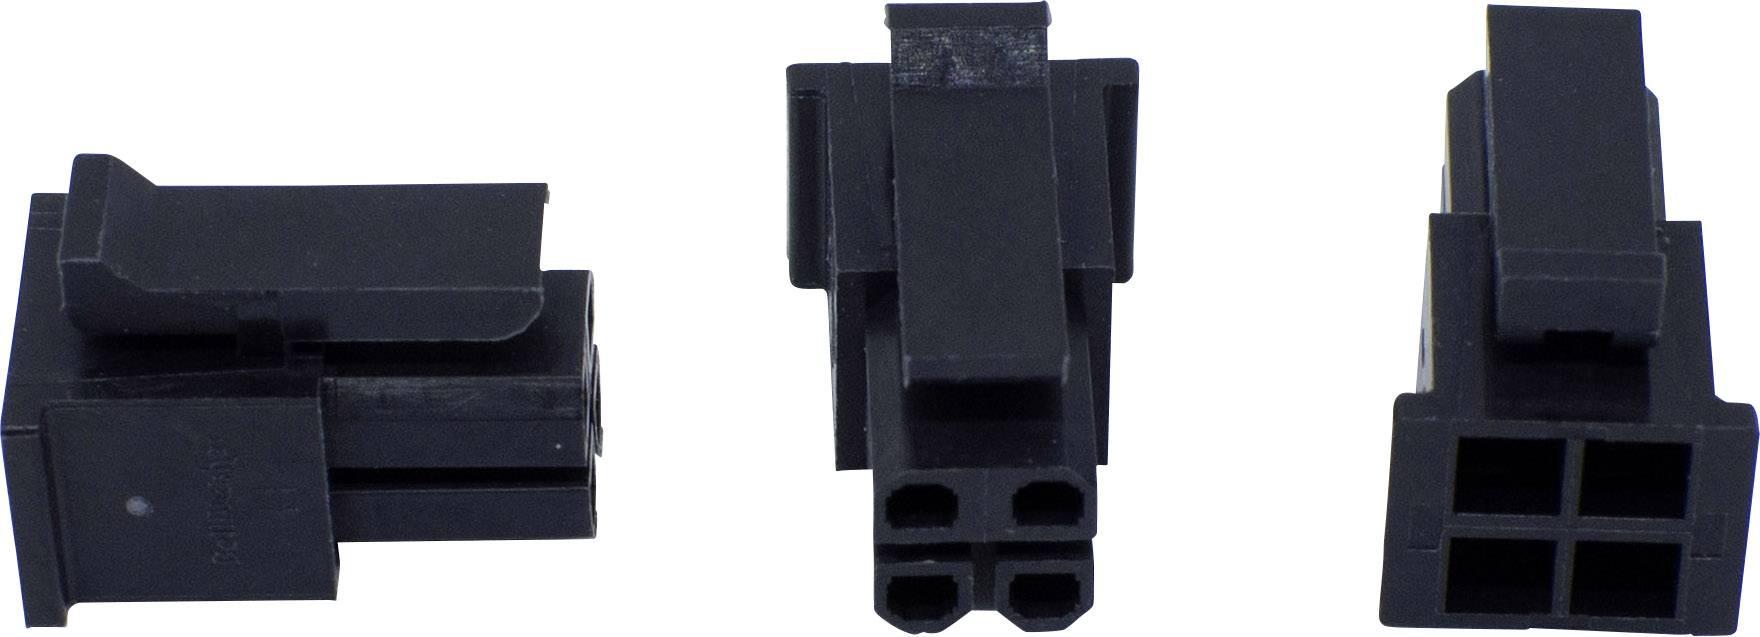 Zásuvkové púzdro na kábel BellWether 70093-1800, pólů 18, rozteč 3 mm, 1 ks